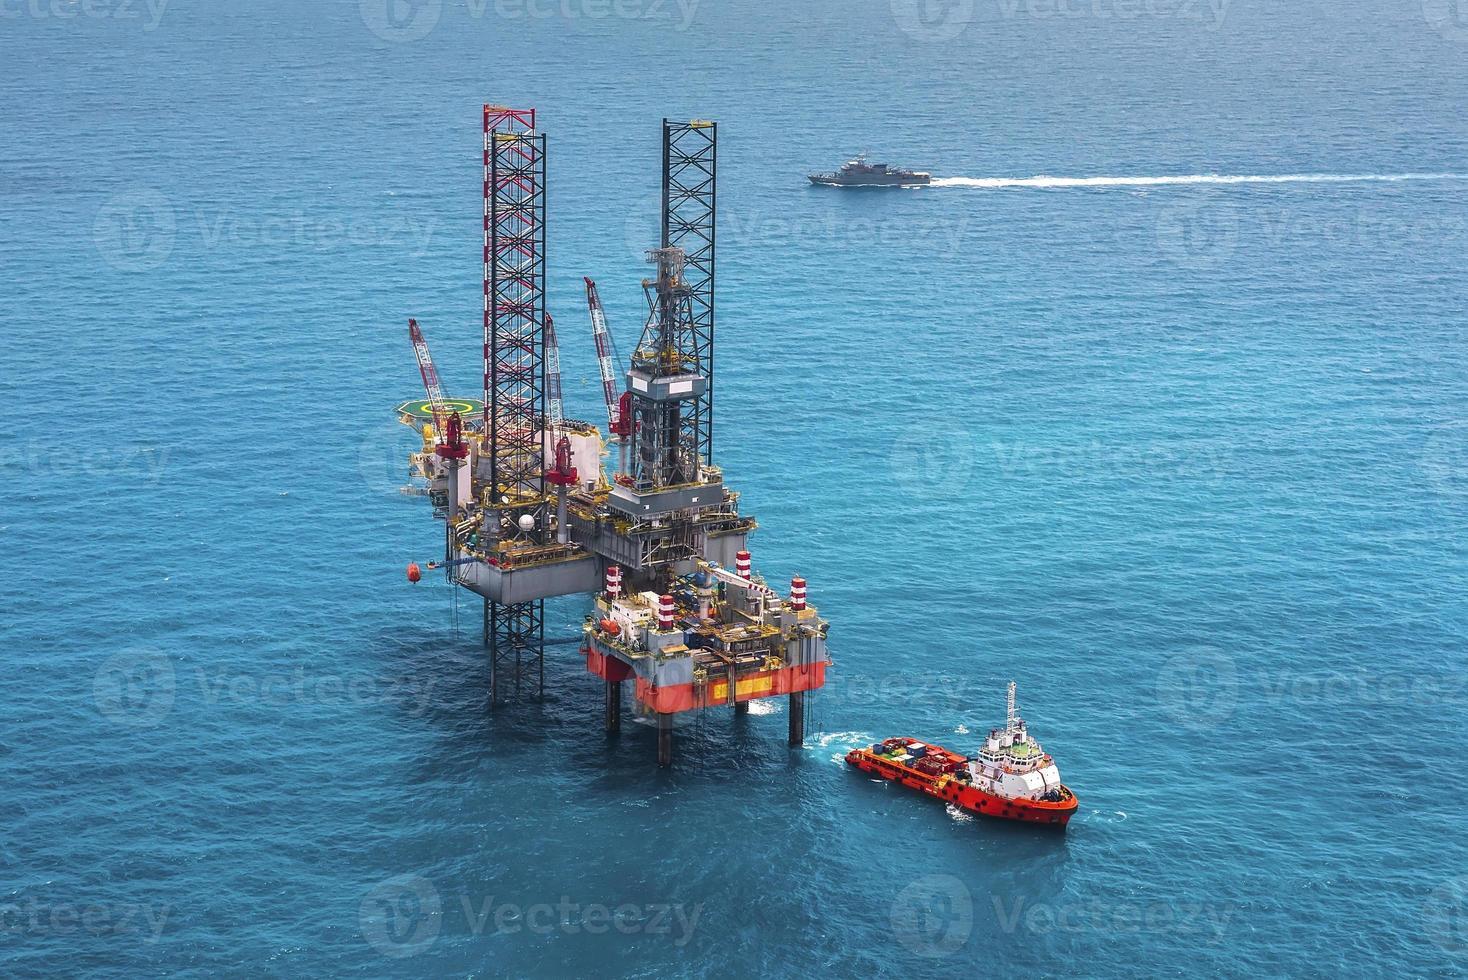 plate-forme de forage de plate-forme pétrolière offshore photo